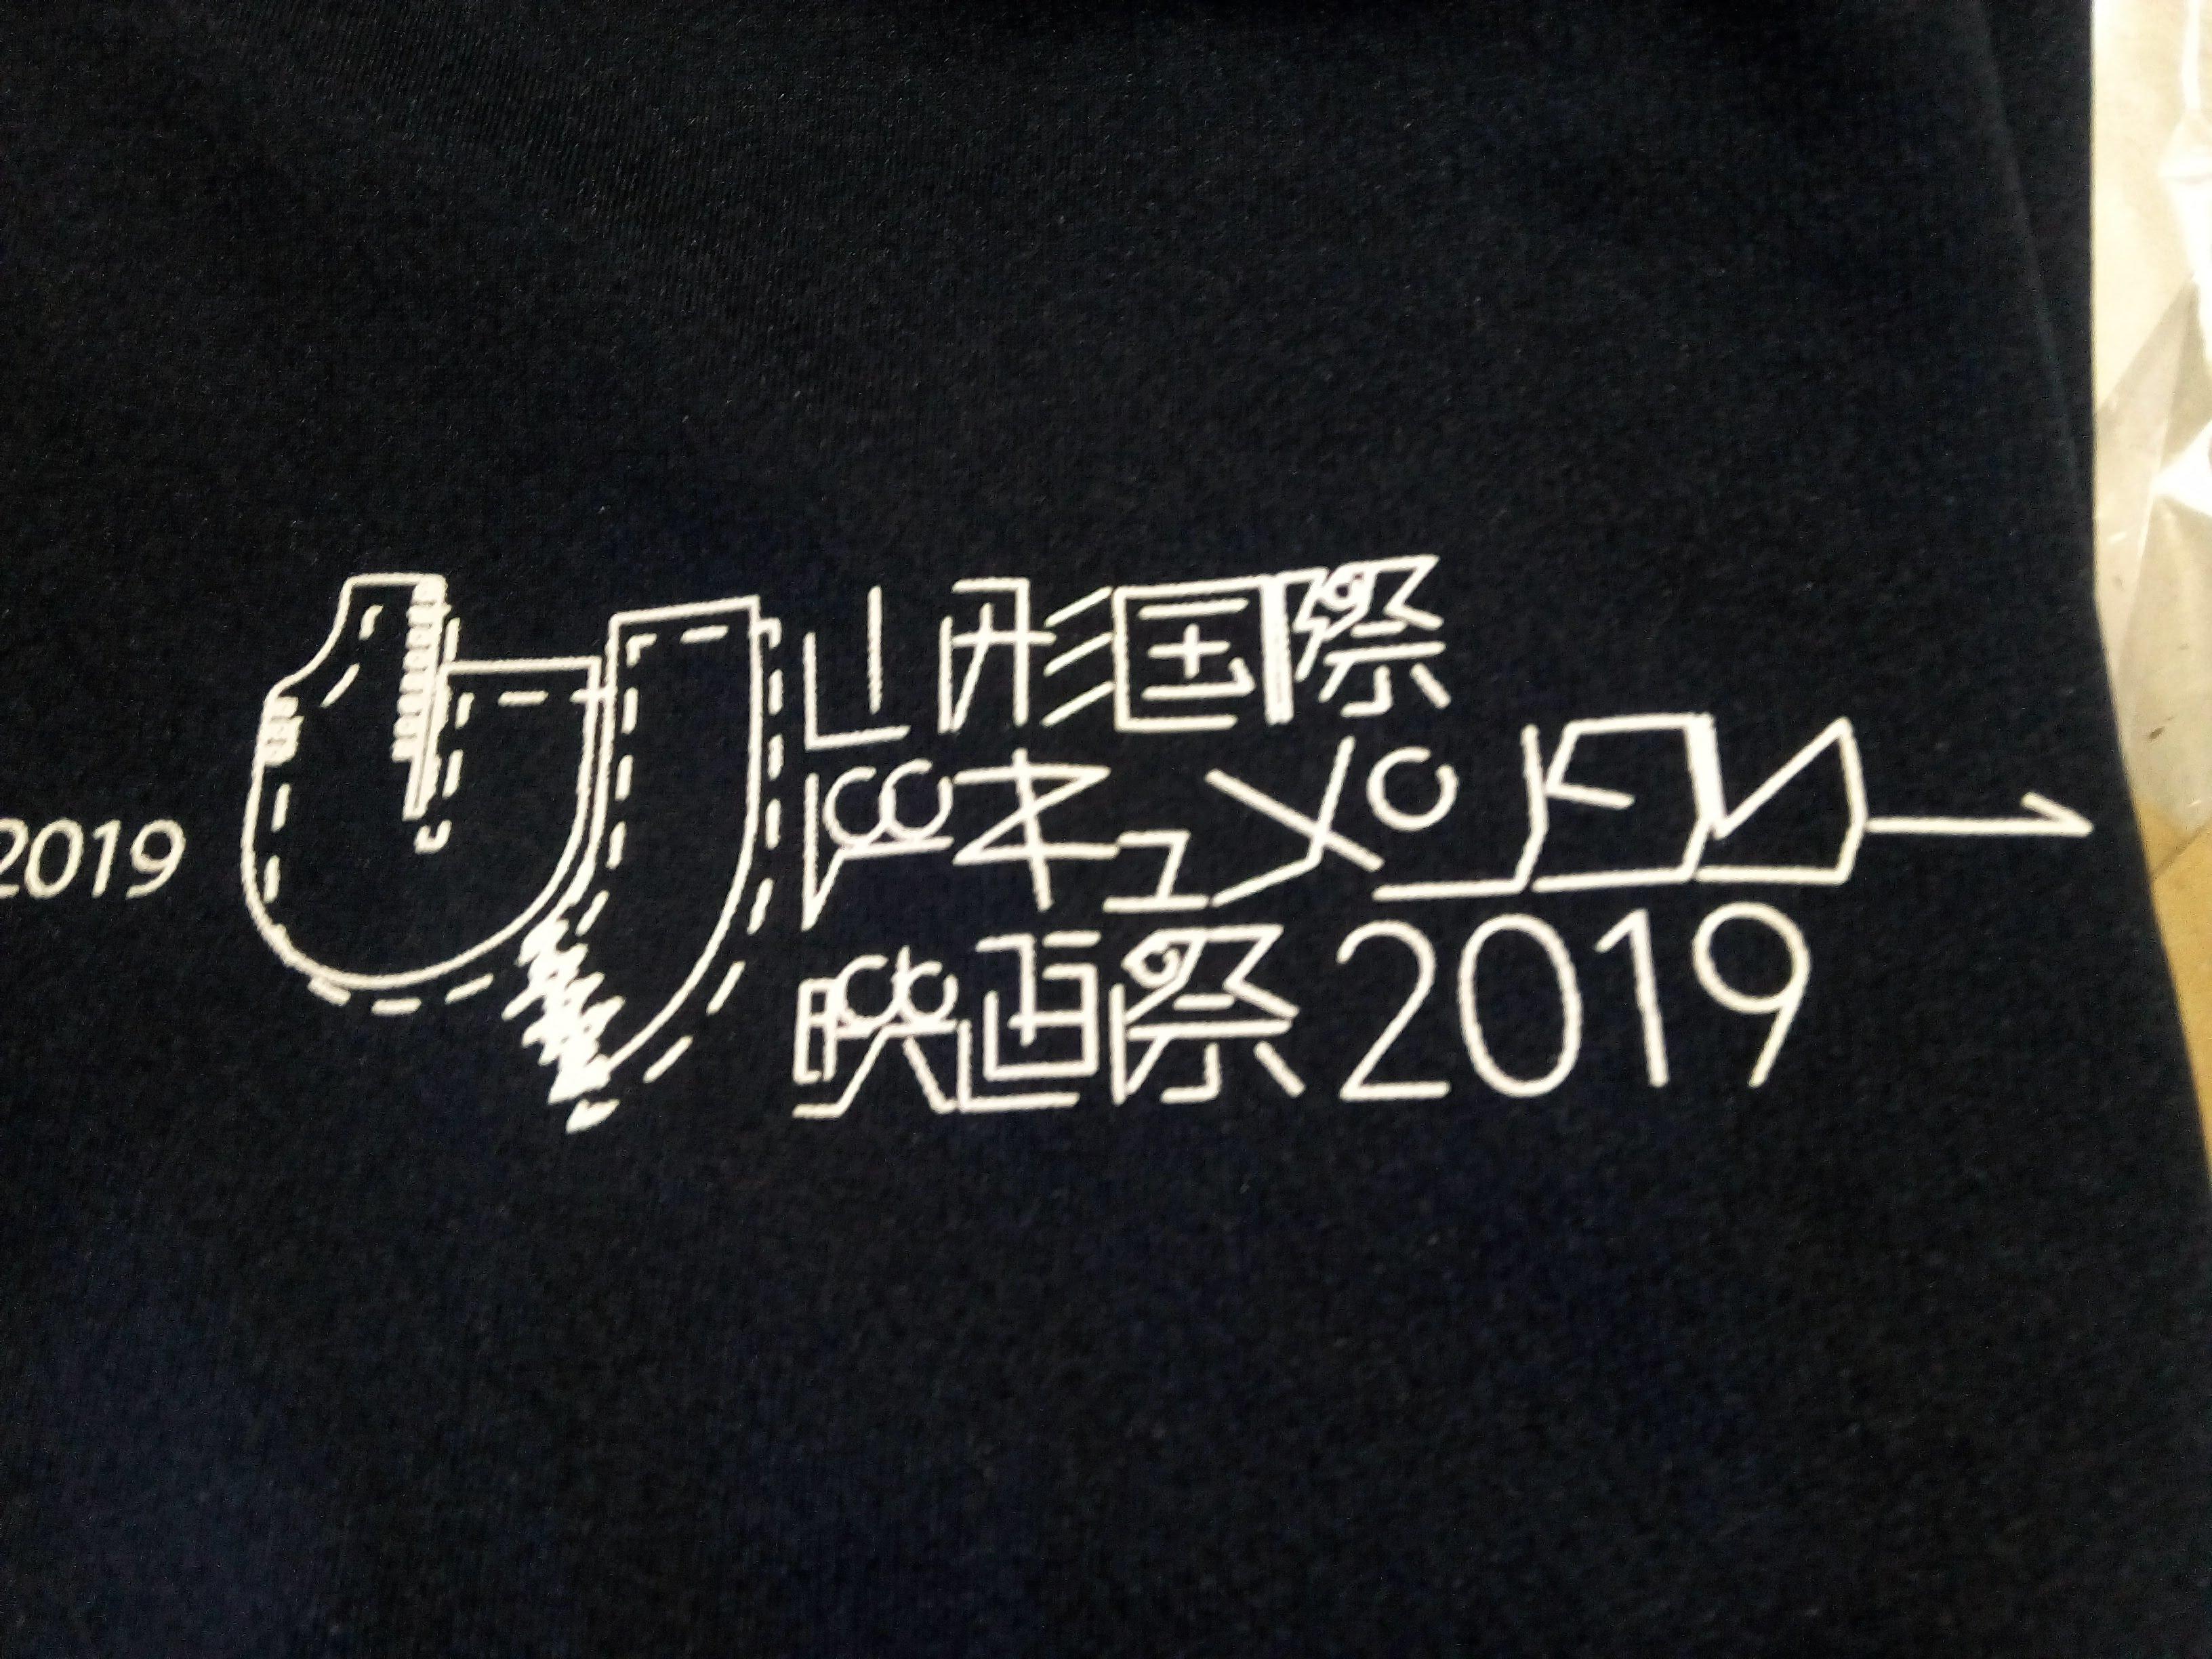 http://hozumi-rug.com/news/yidff/IMG_20191010_124520.jpg